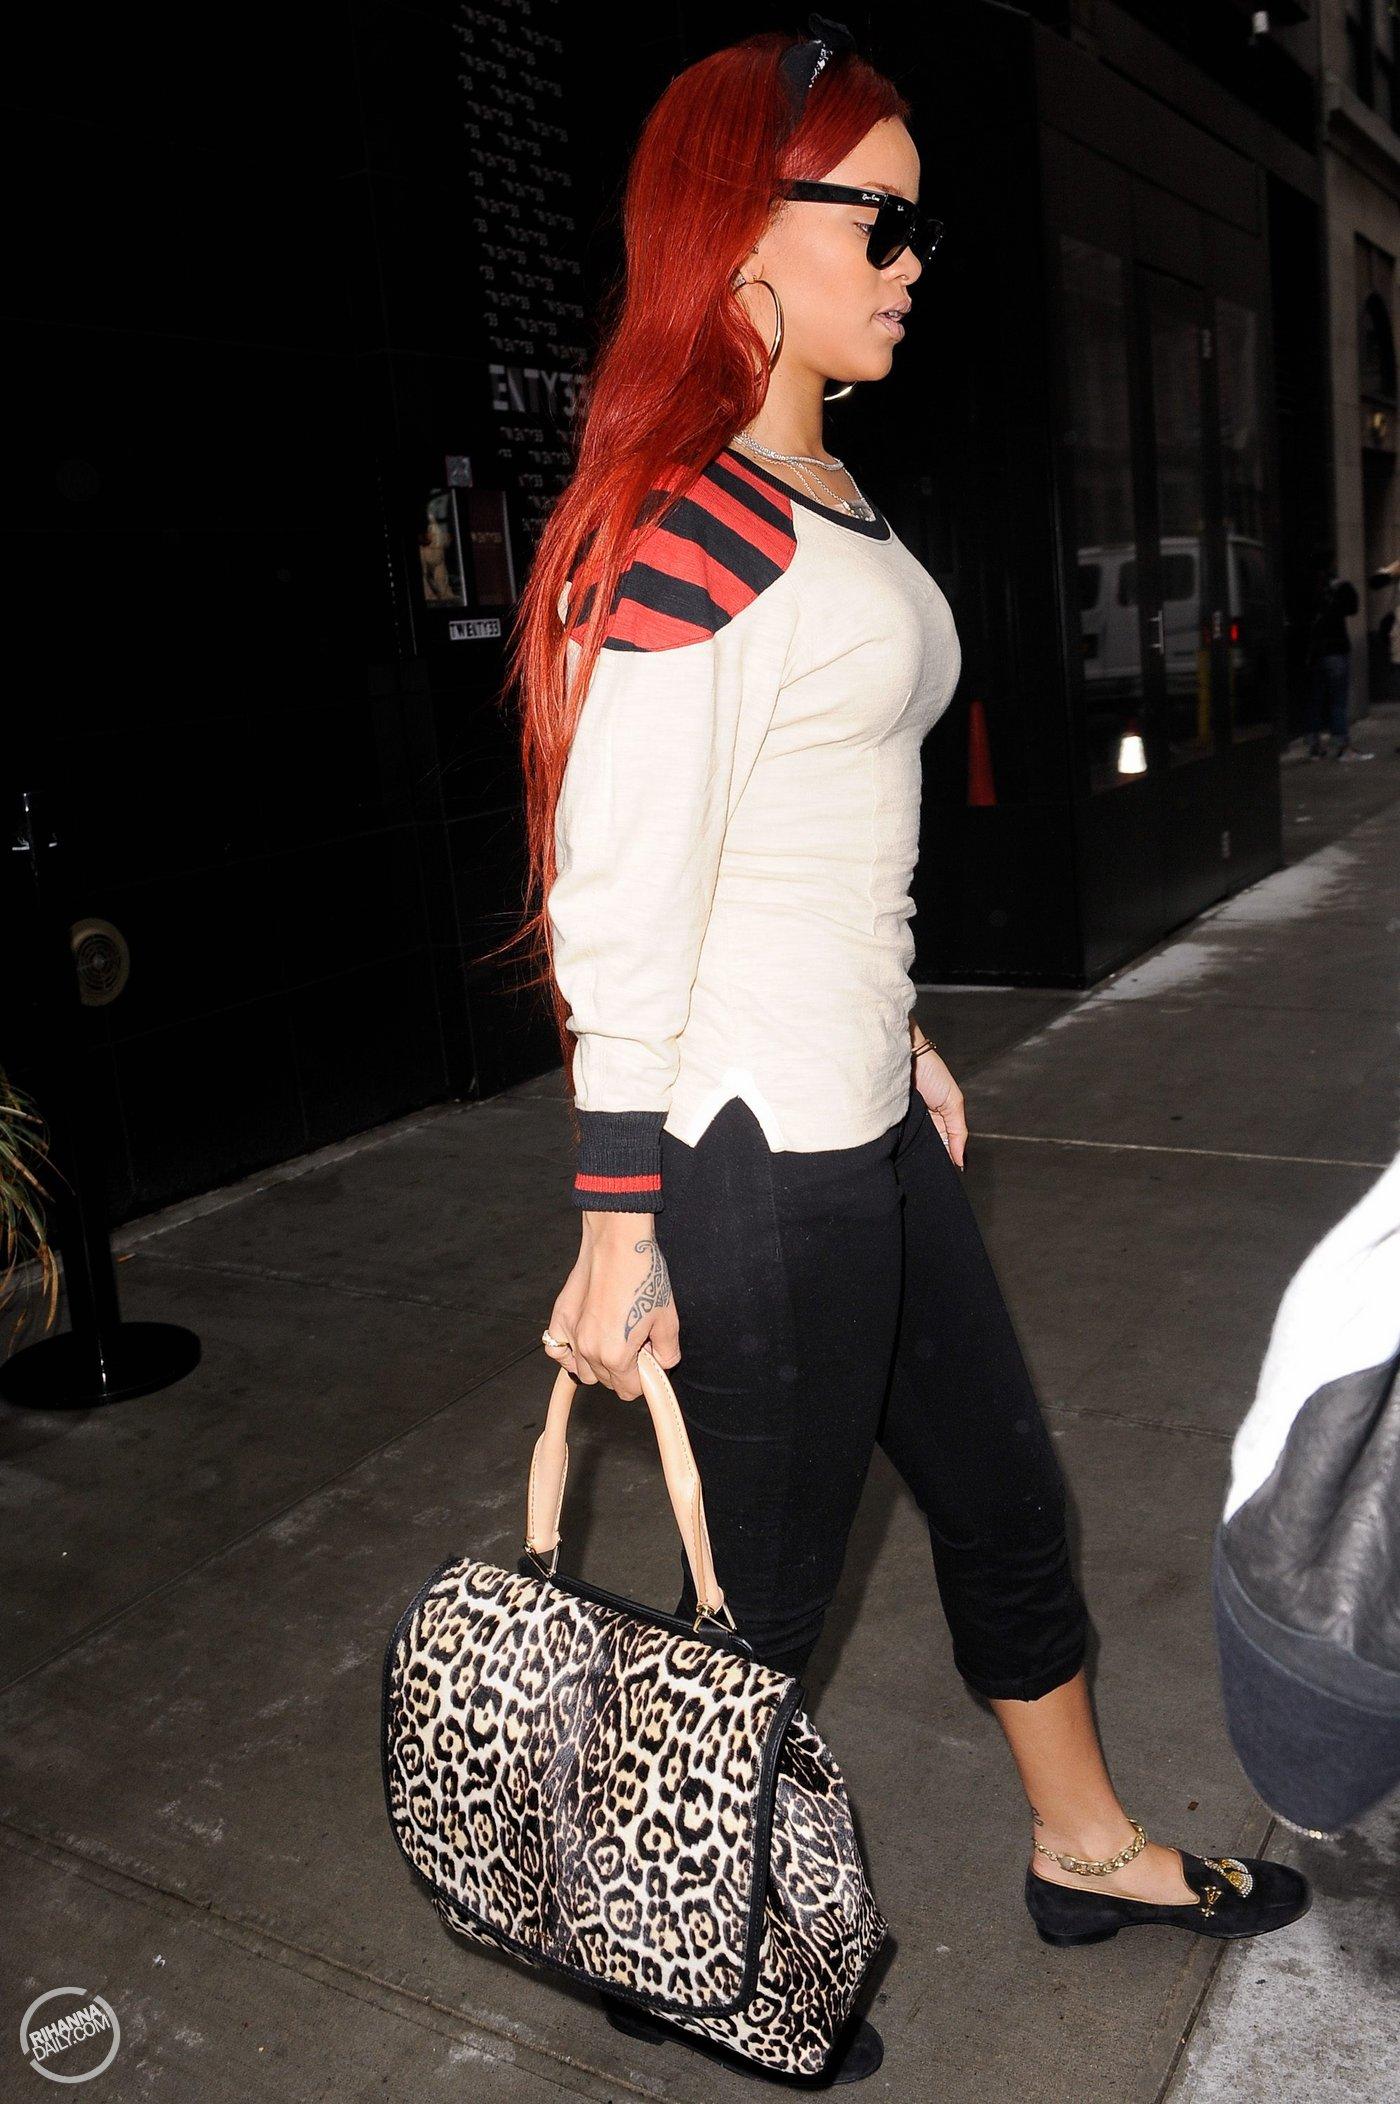 Rihanna 2011 : Rihanna-03